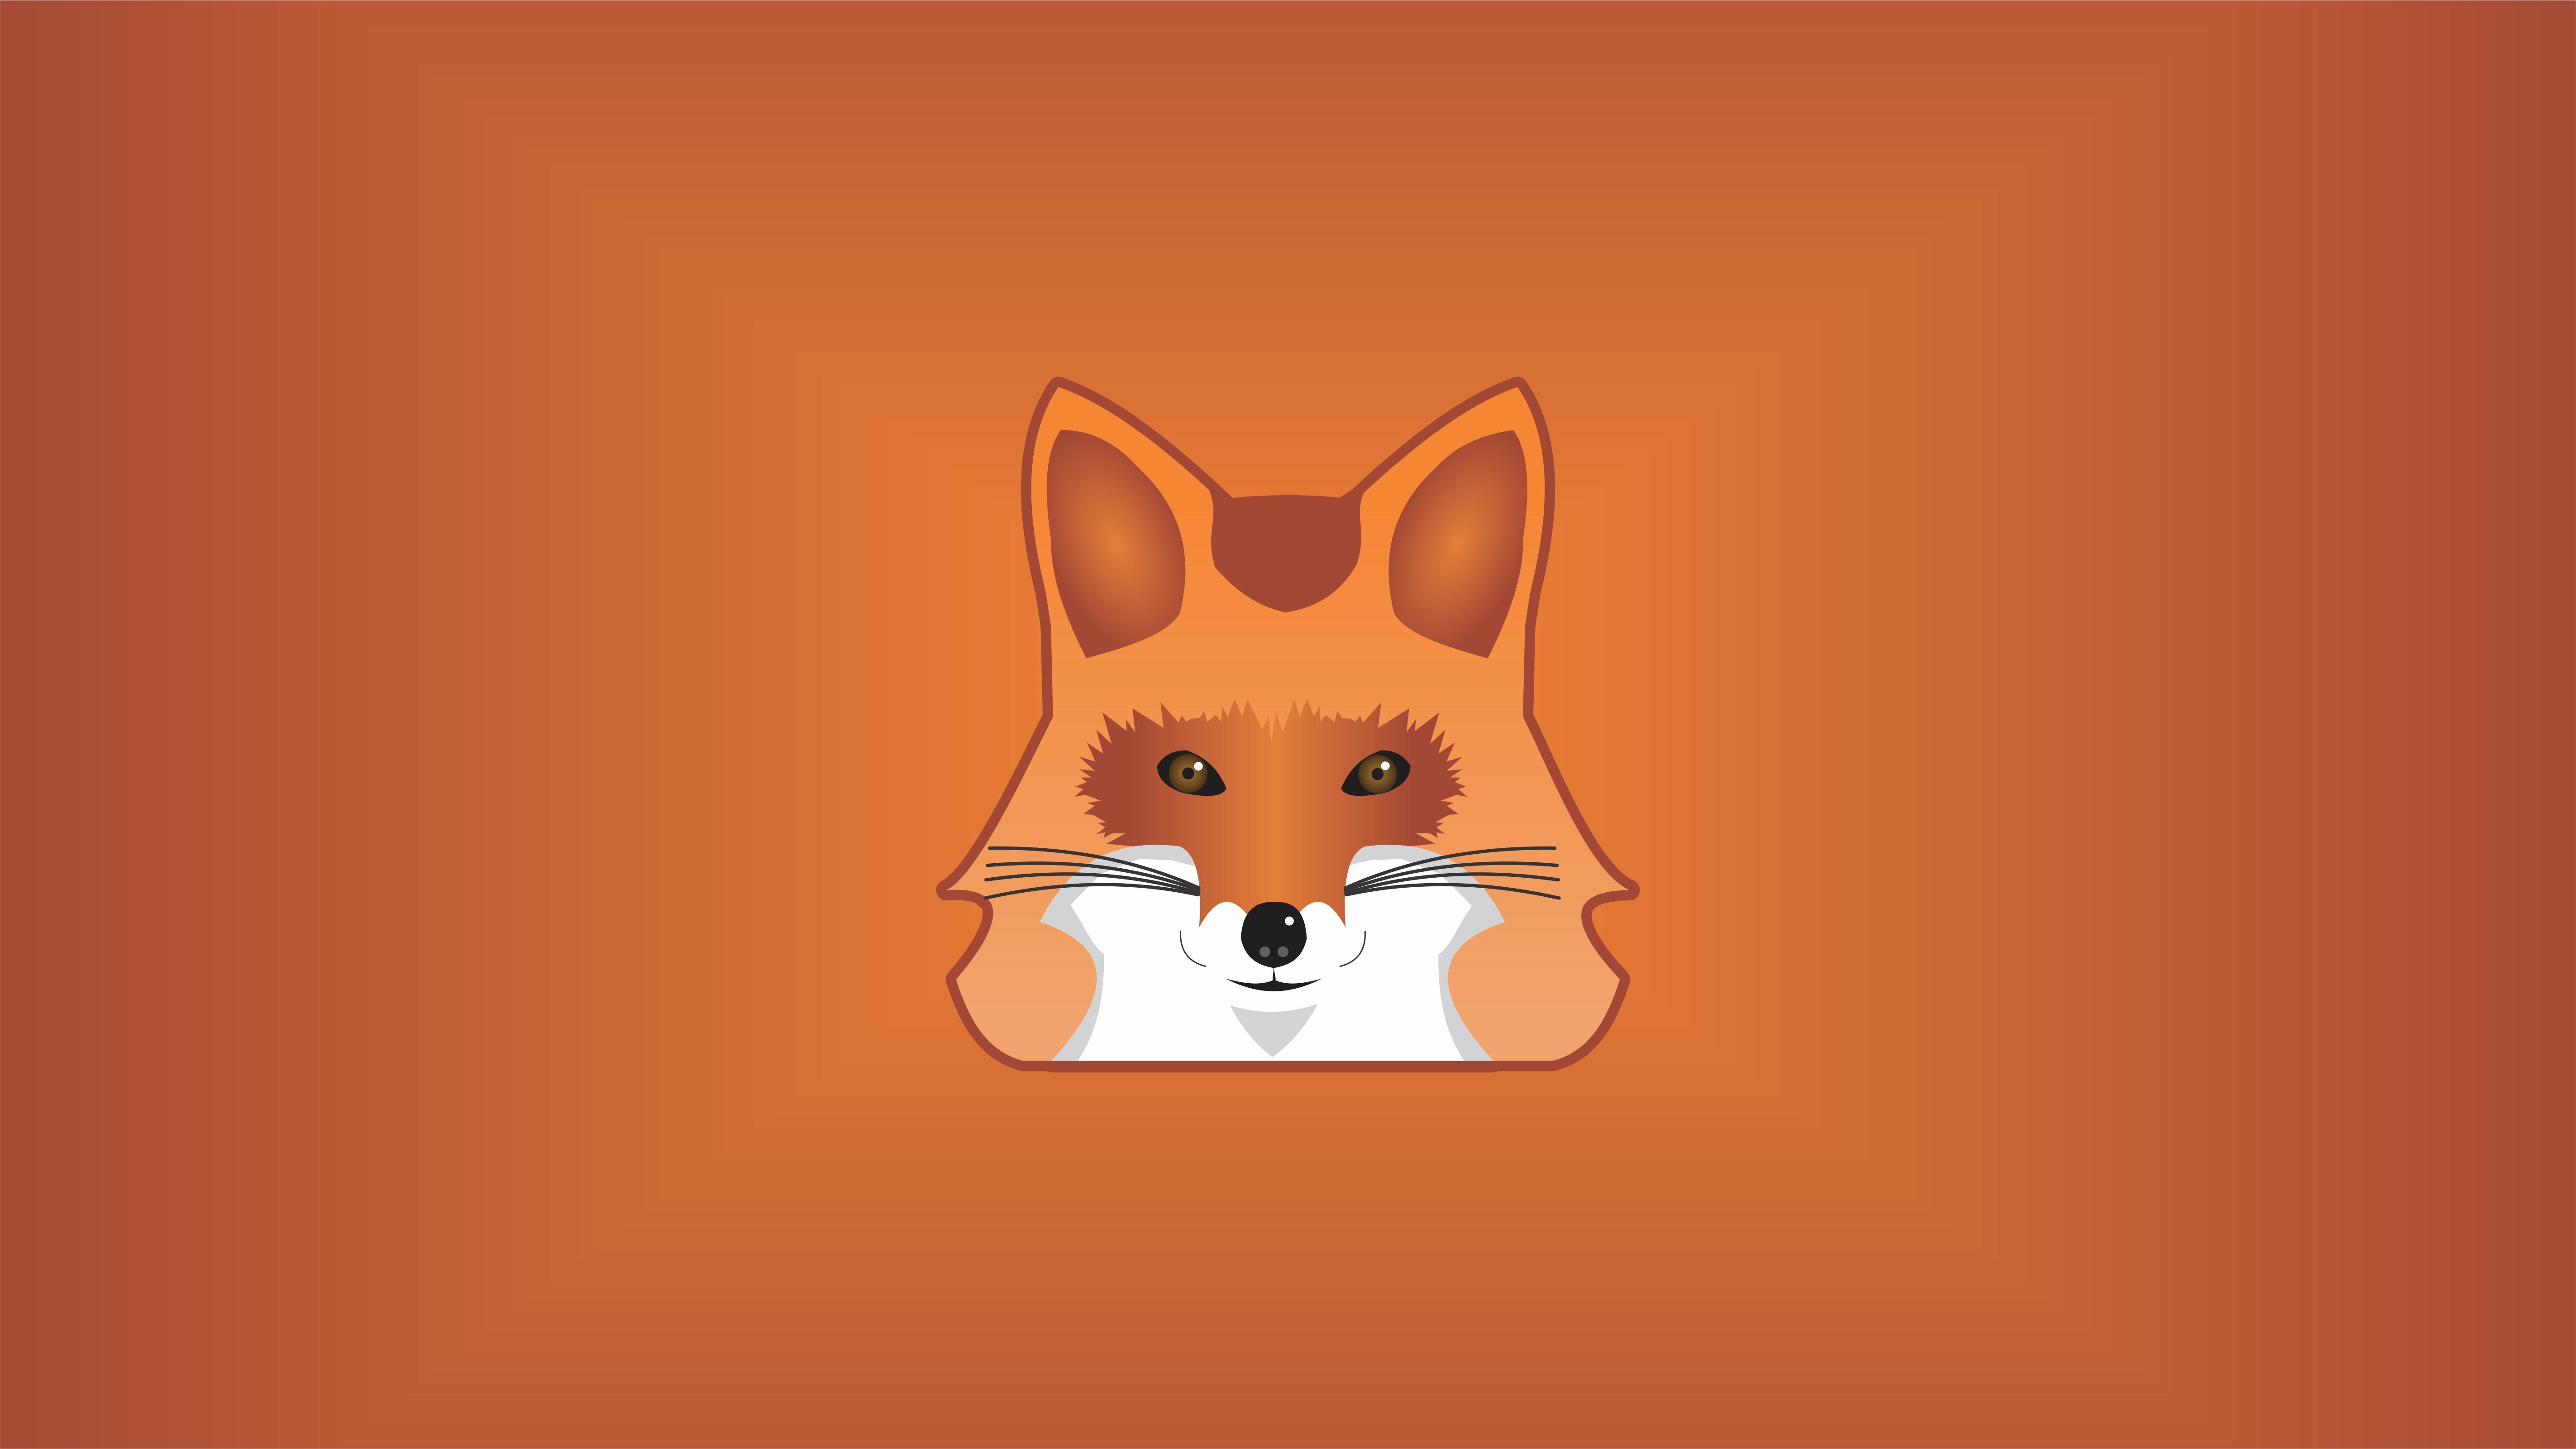 Fox Minimalist 5k Hd Artist 4k Wallpapers Images